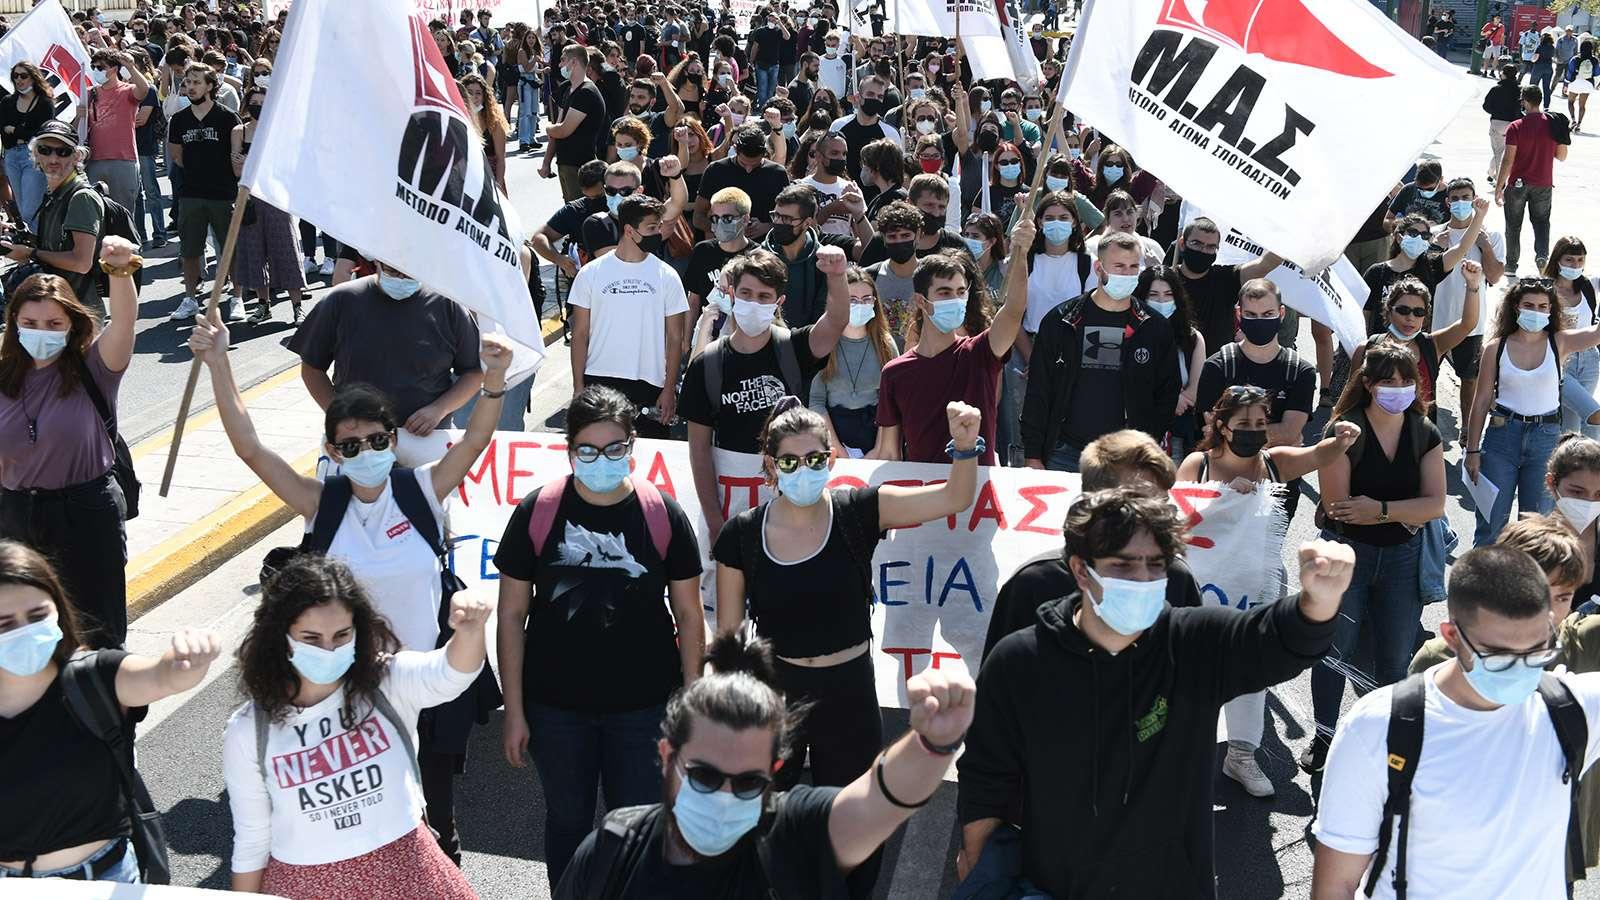 Σύλλογοι Αθήνας Δυναμική κινητοποίηση για ασφαλείς σχολές ενάντια στο φασισμό